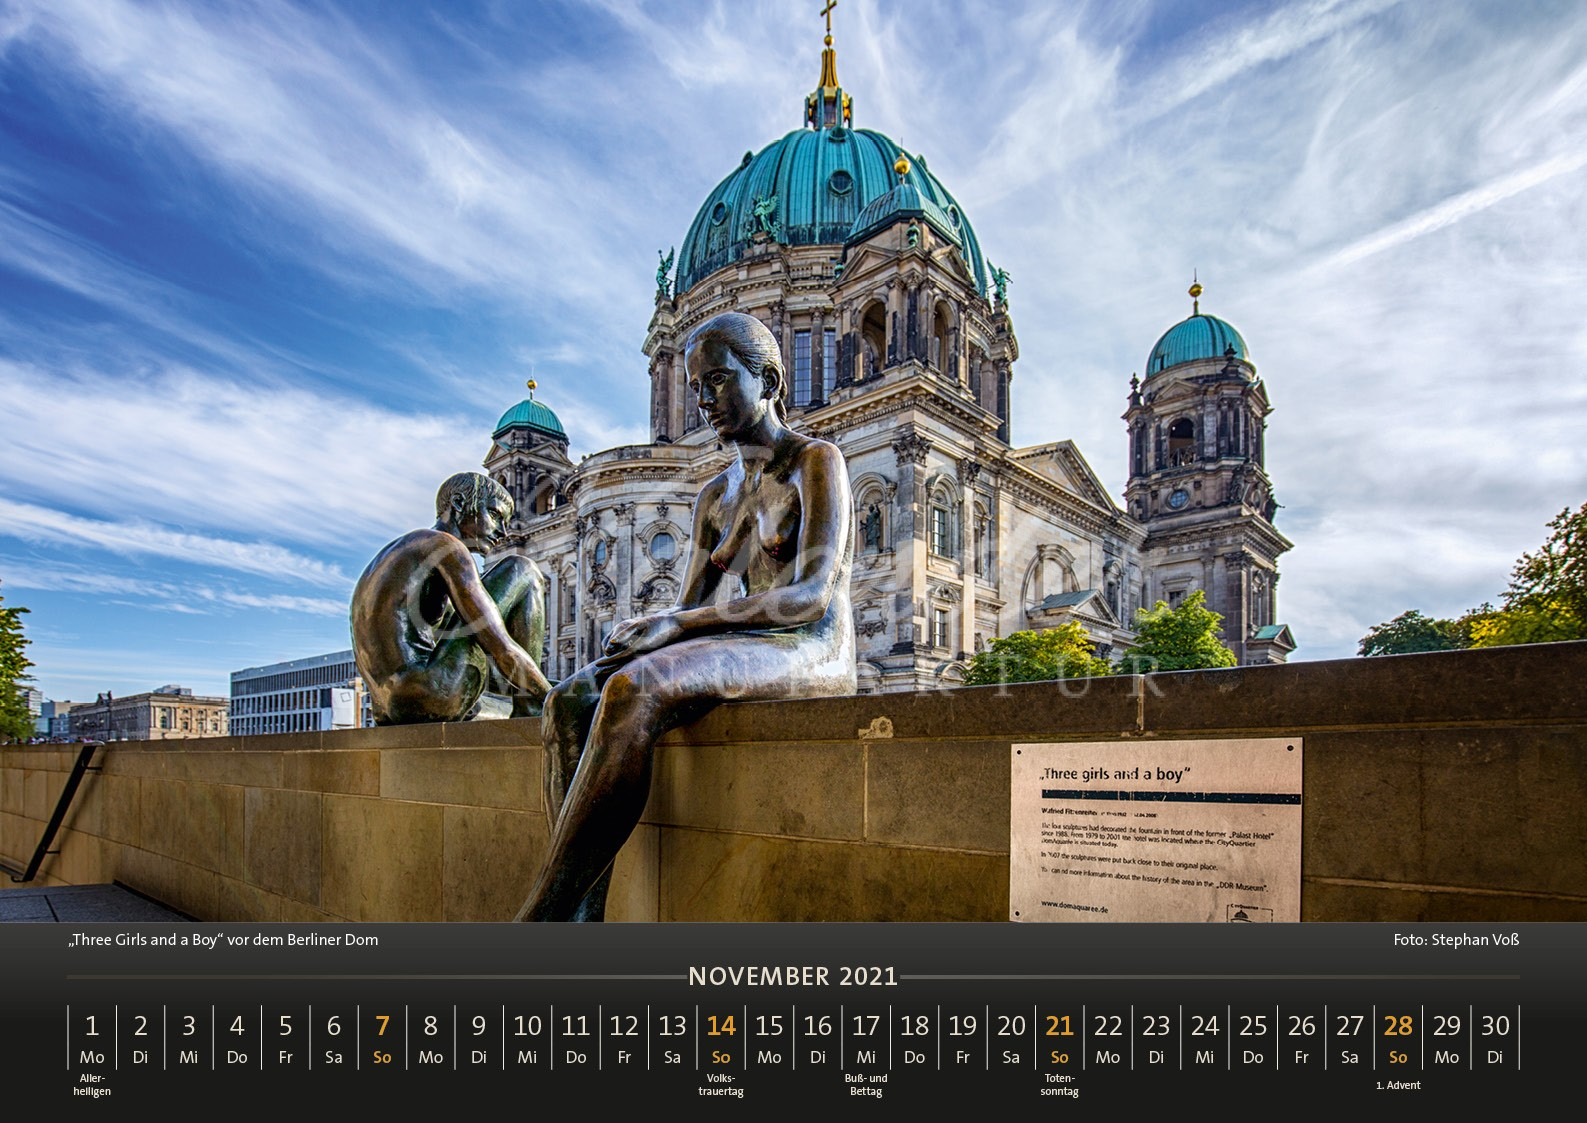 Berlin-Wunderbar.De 2021